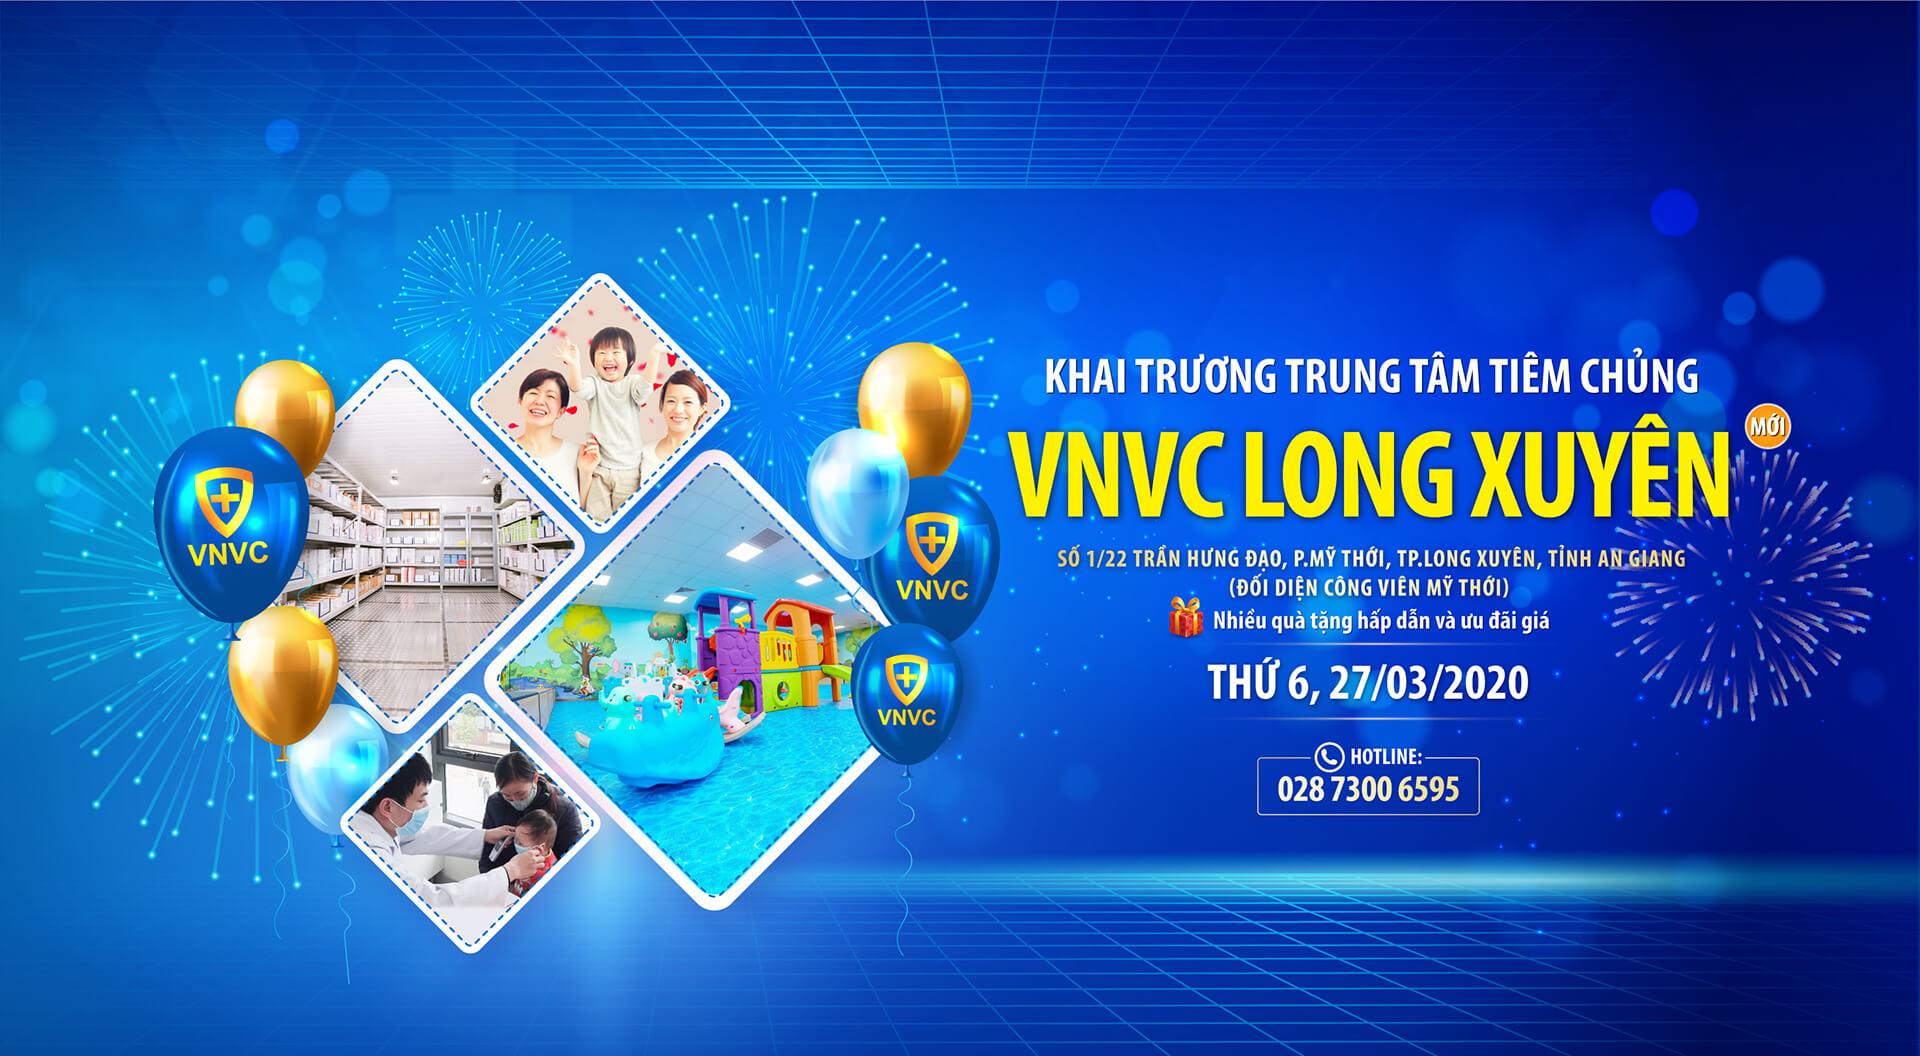 Khai trương VNVC Long Xuyên (1)